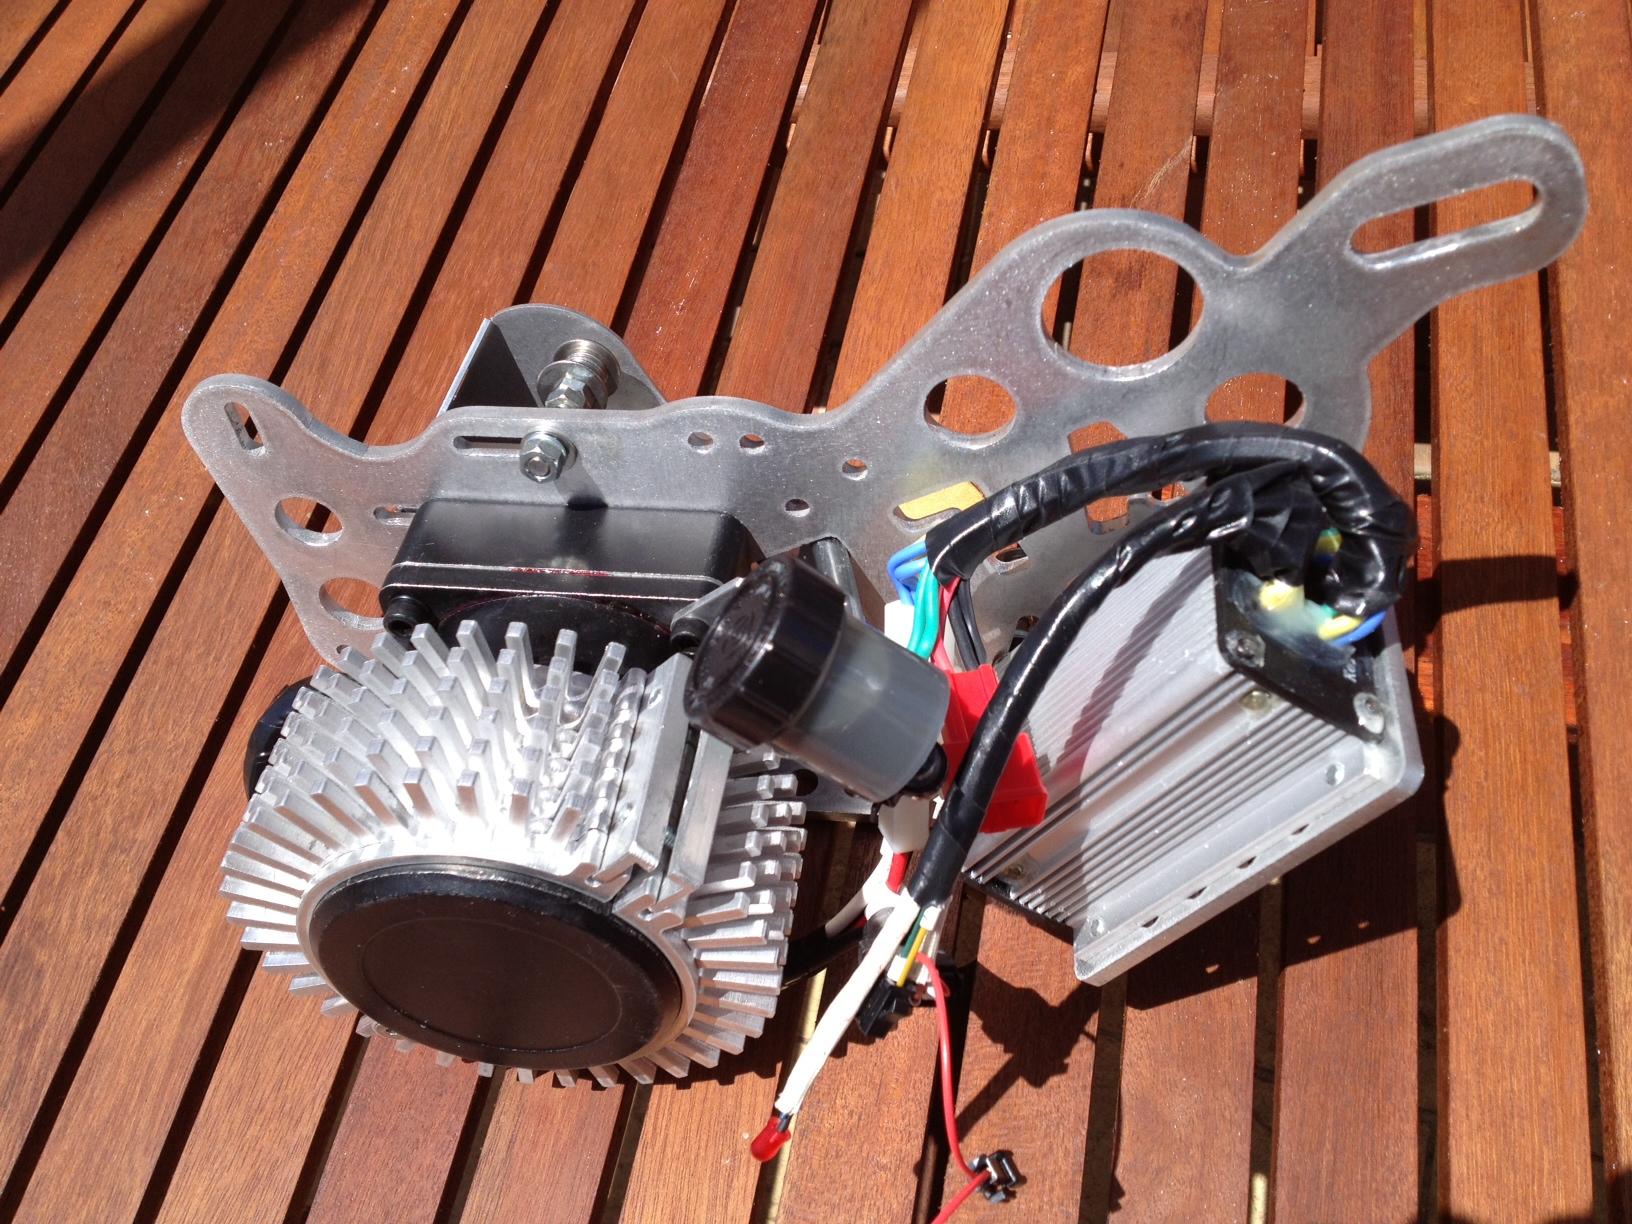 AFT verzia cyclone motoru